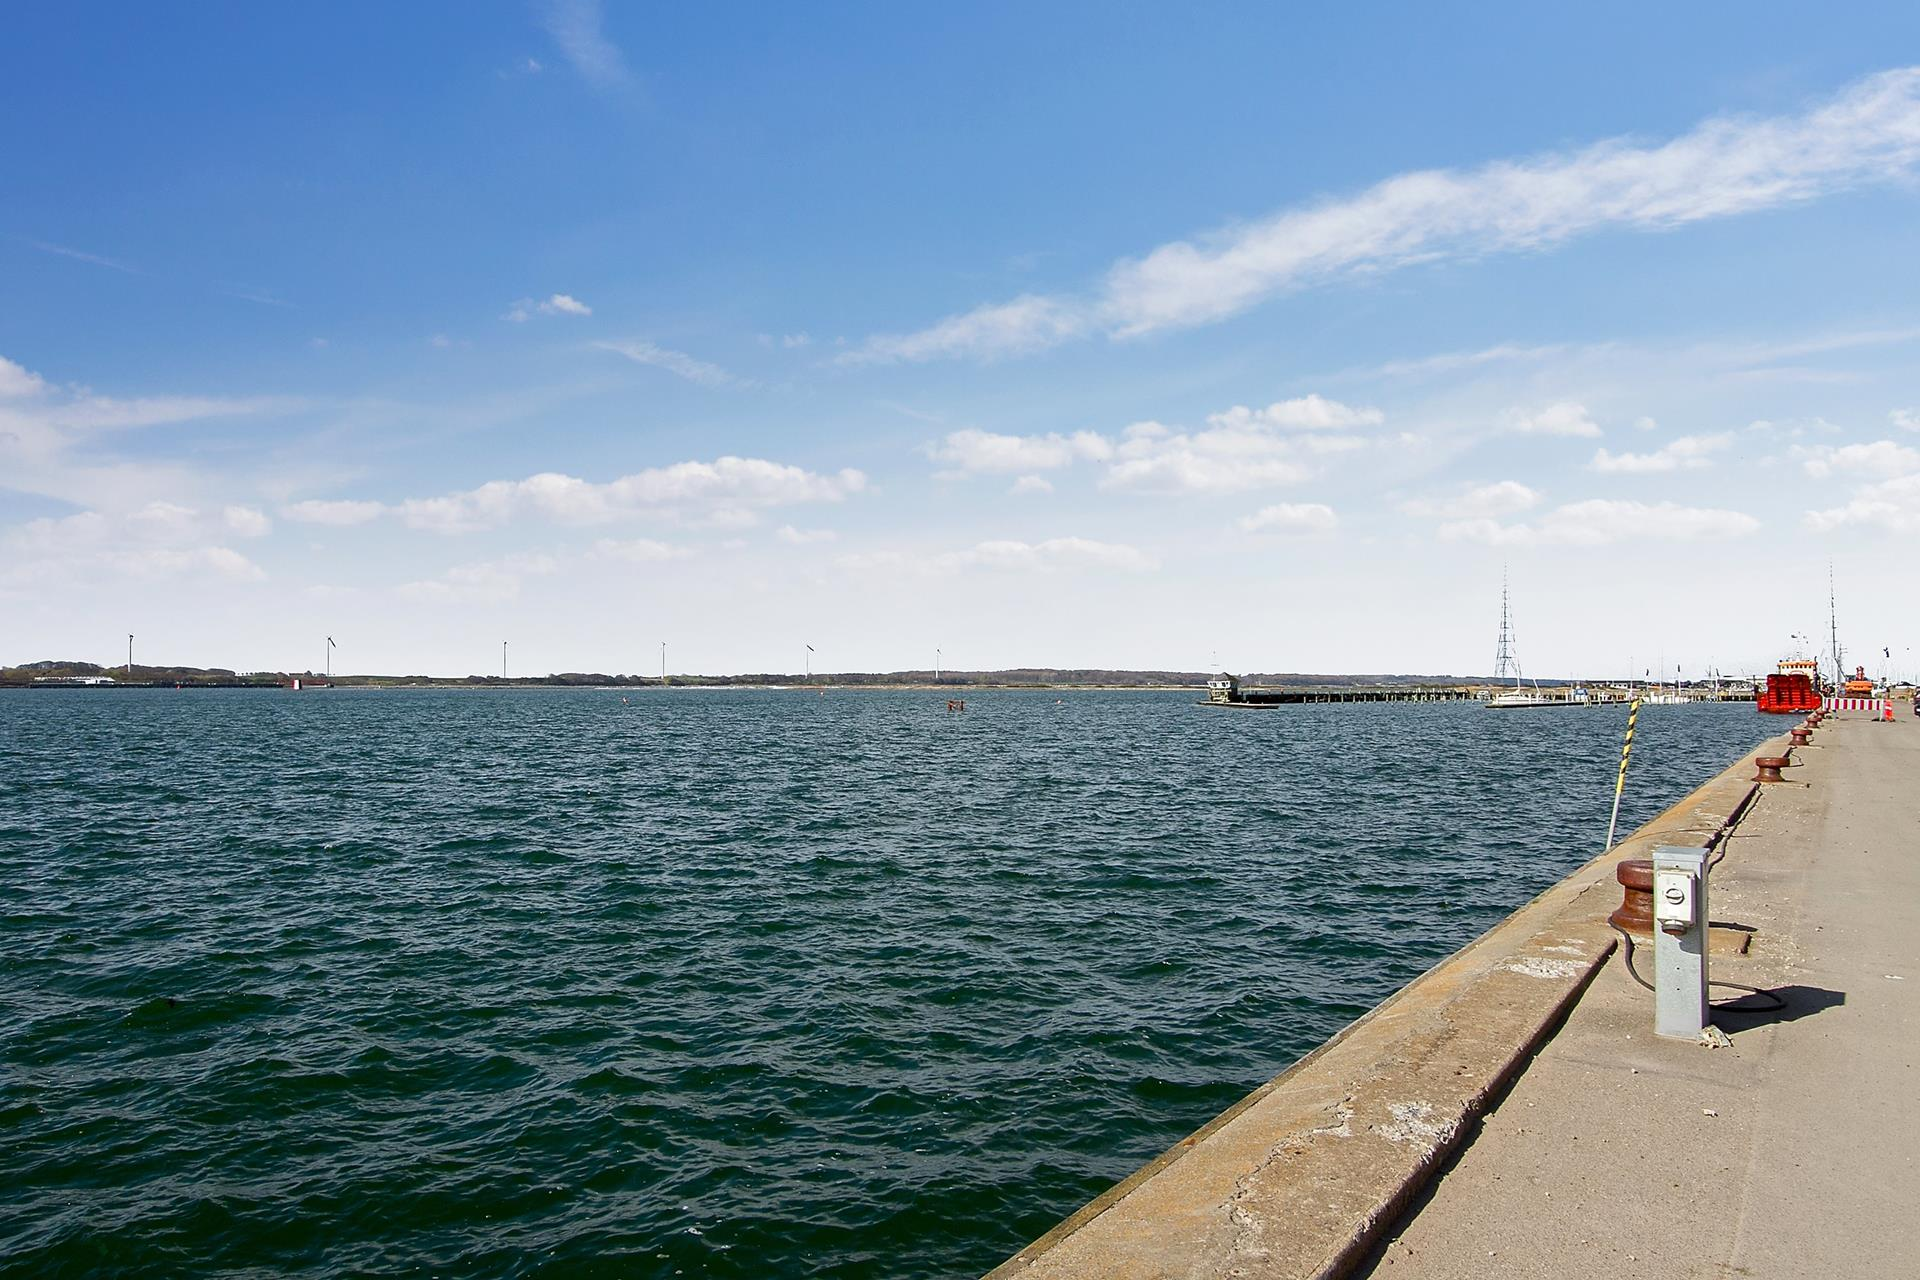 Andet på Vestre Havneplads i Kalundborg - Område